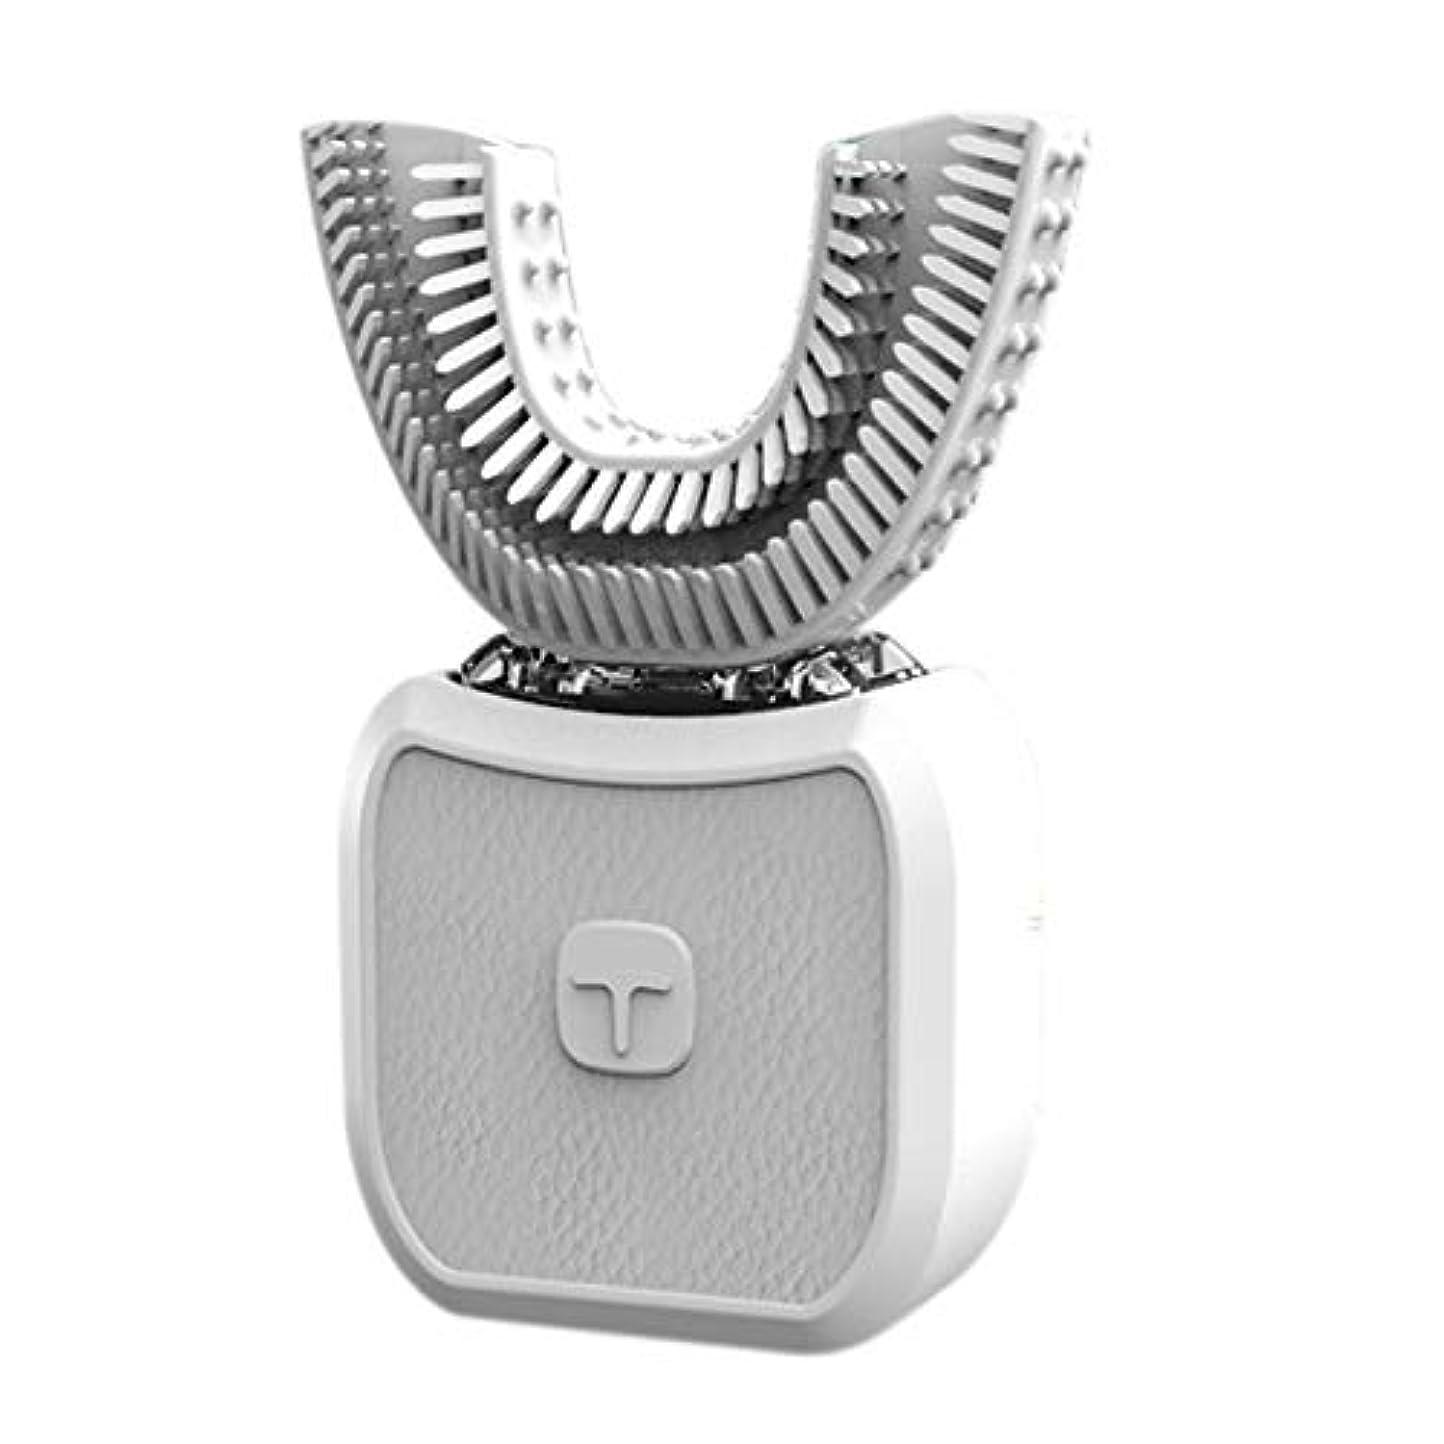 ラフ睡眠艦隊磁器フルオートマチック可変周波数電動歯ブラシ、自動360度U字型電動歯ブラシ、ワイヤレス充電IPX7防水自動歯ブラシ(大人用),White